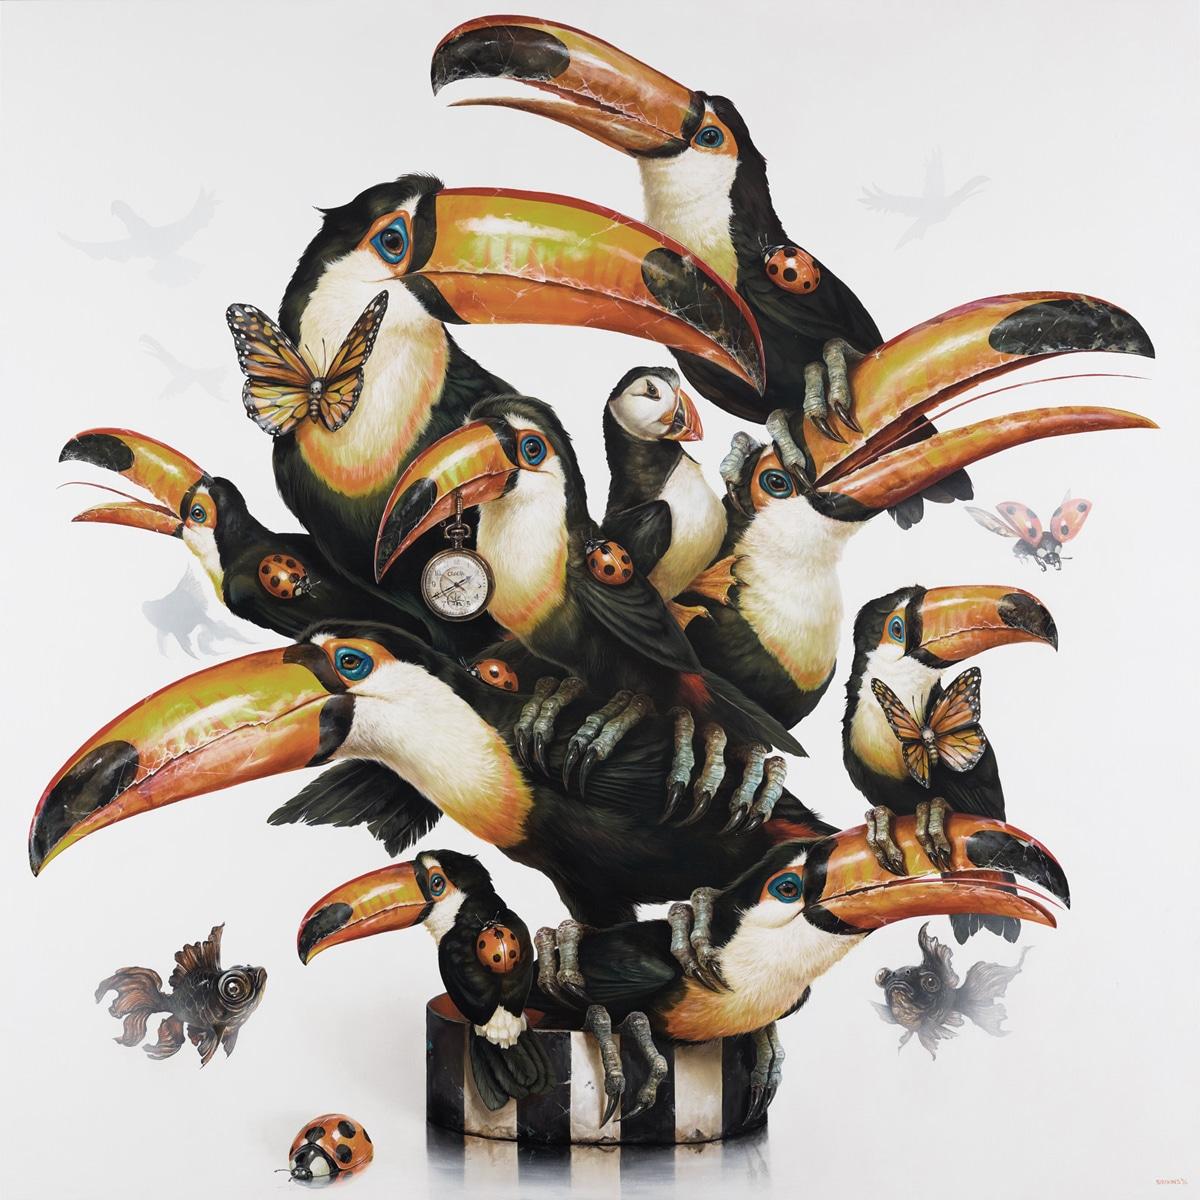 Greg 'Craola' Simkins Print